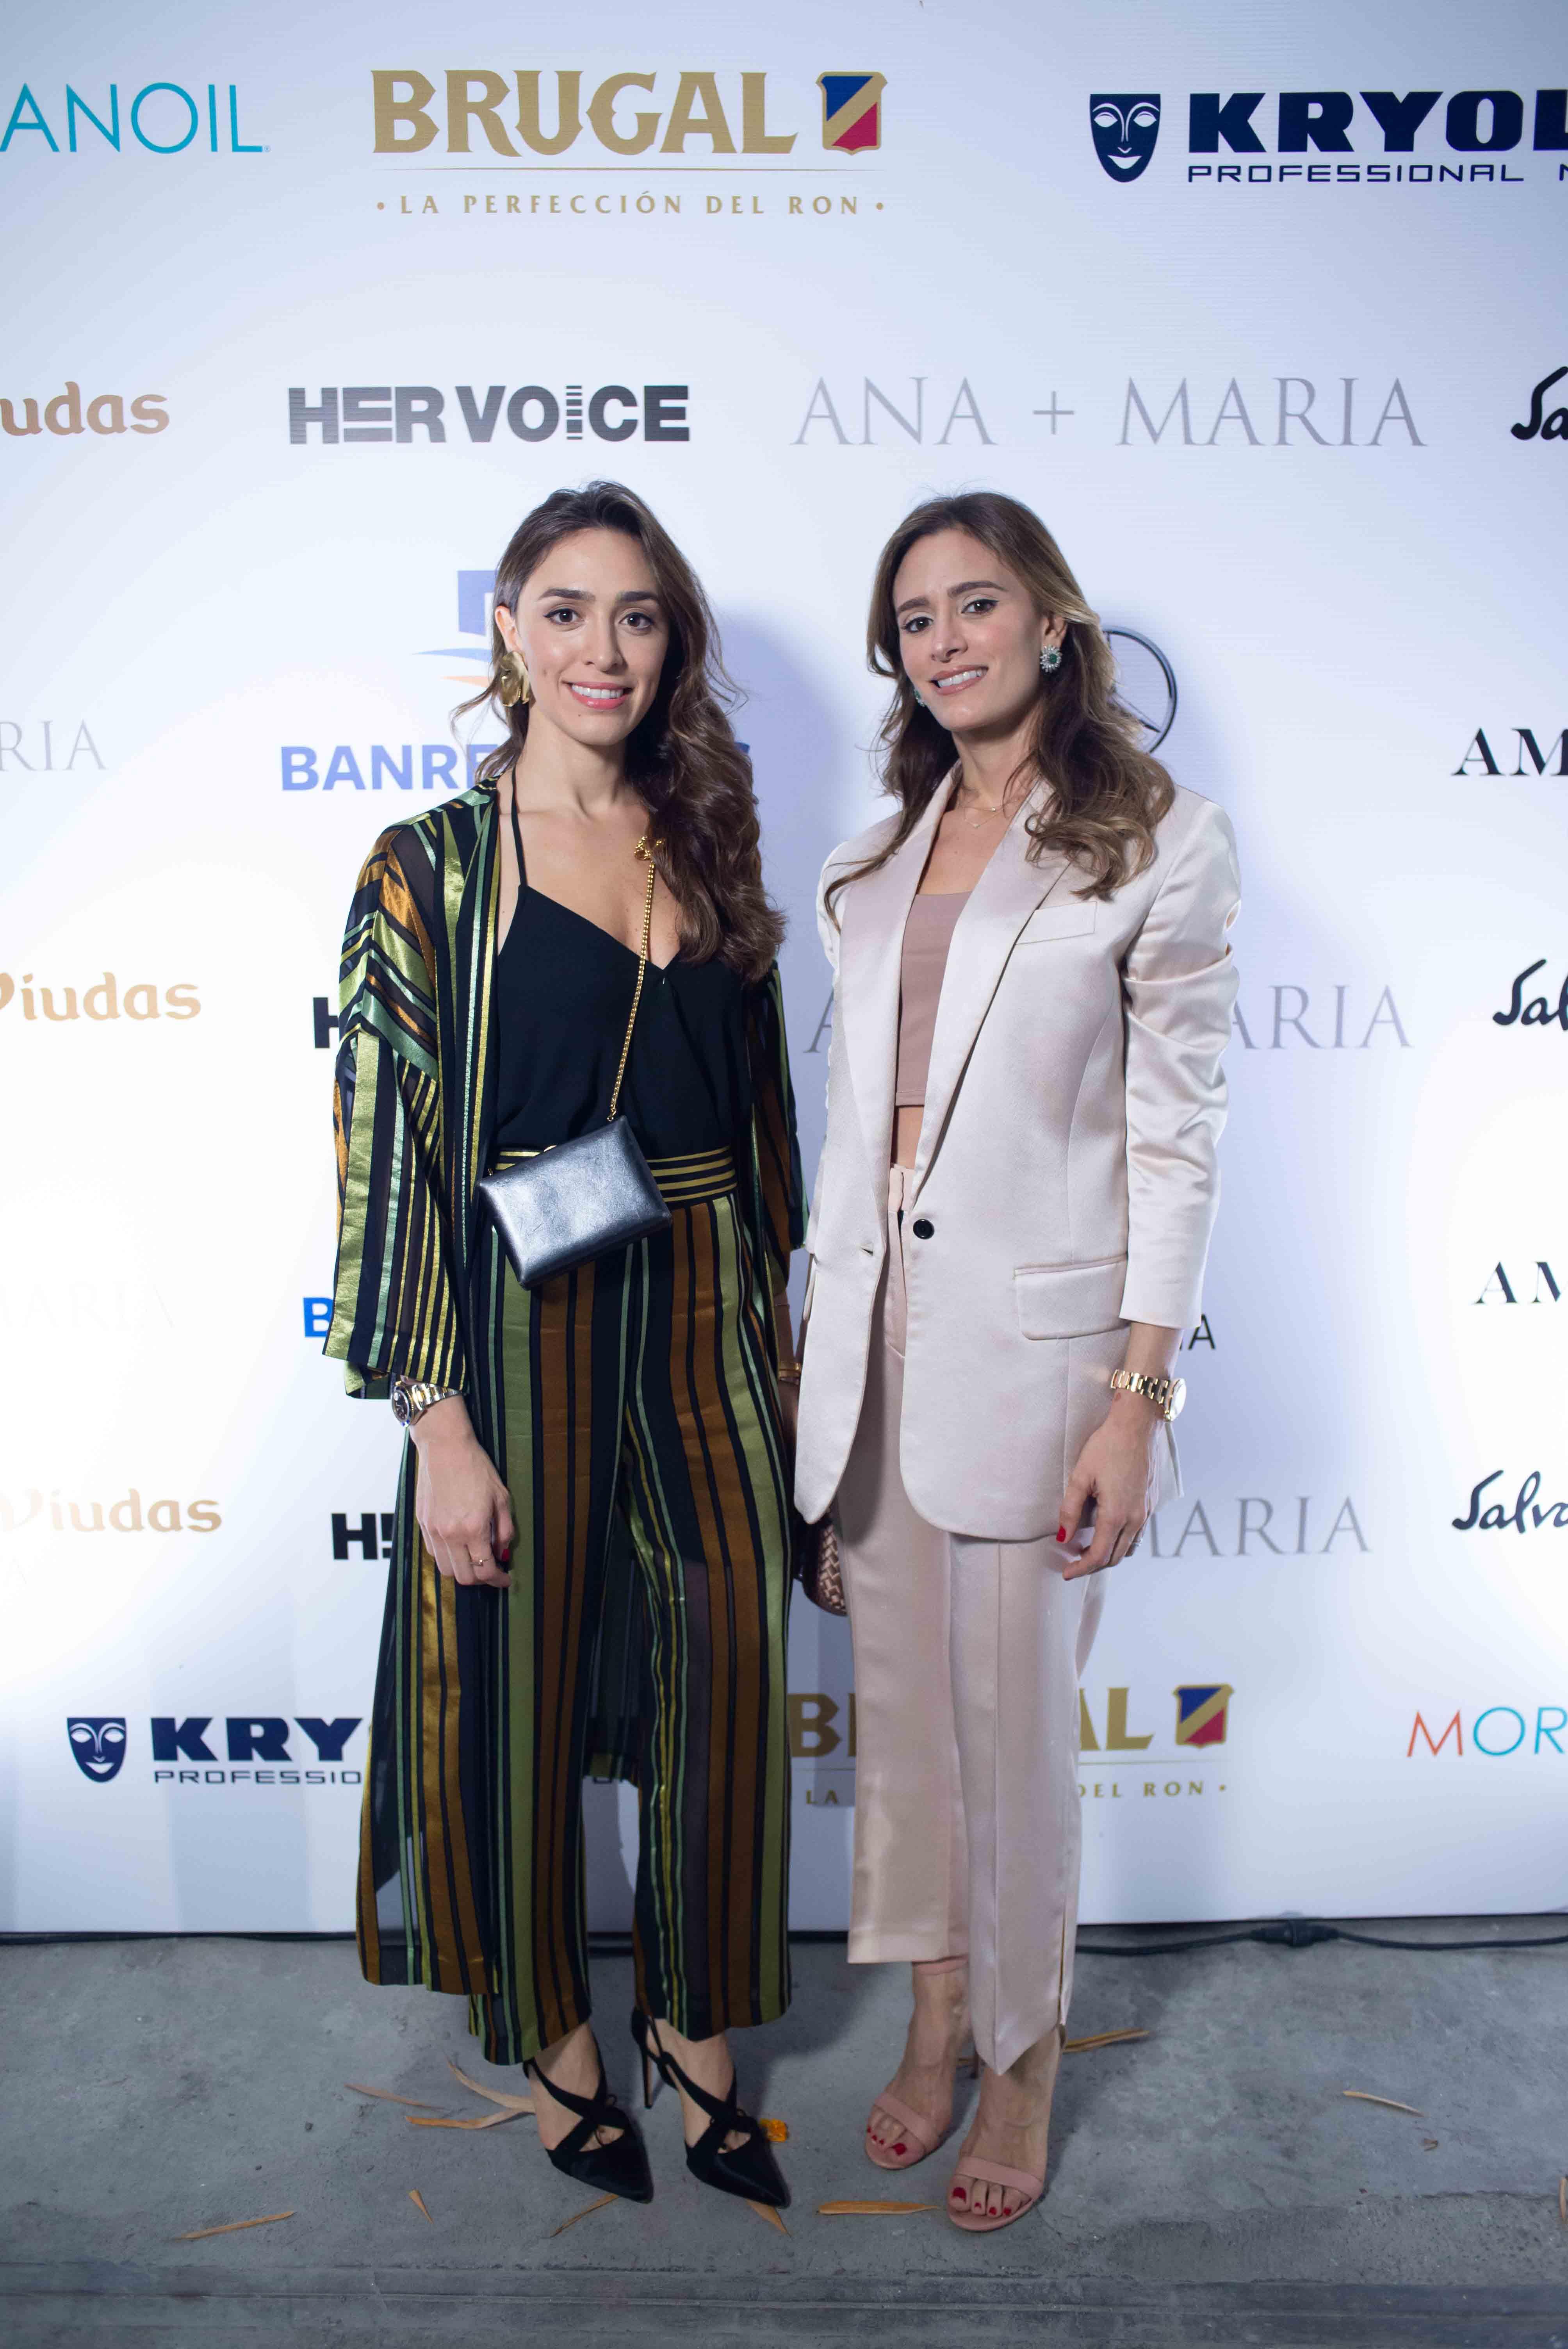 5. Rebecca Yunen & Laura Yunen